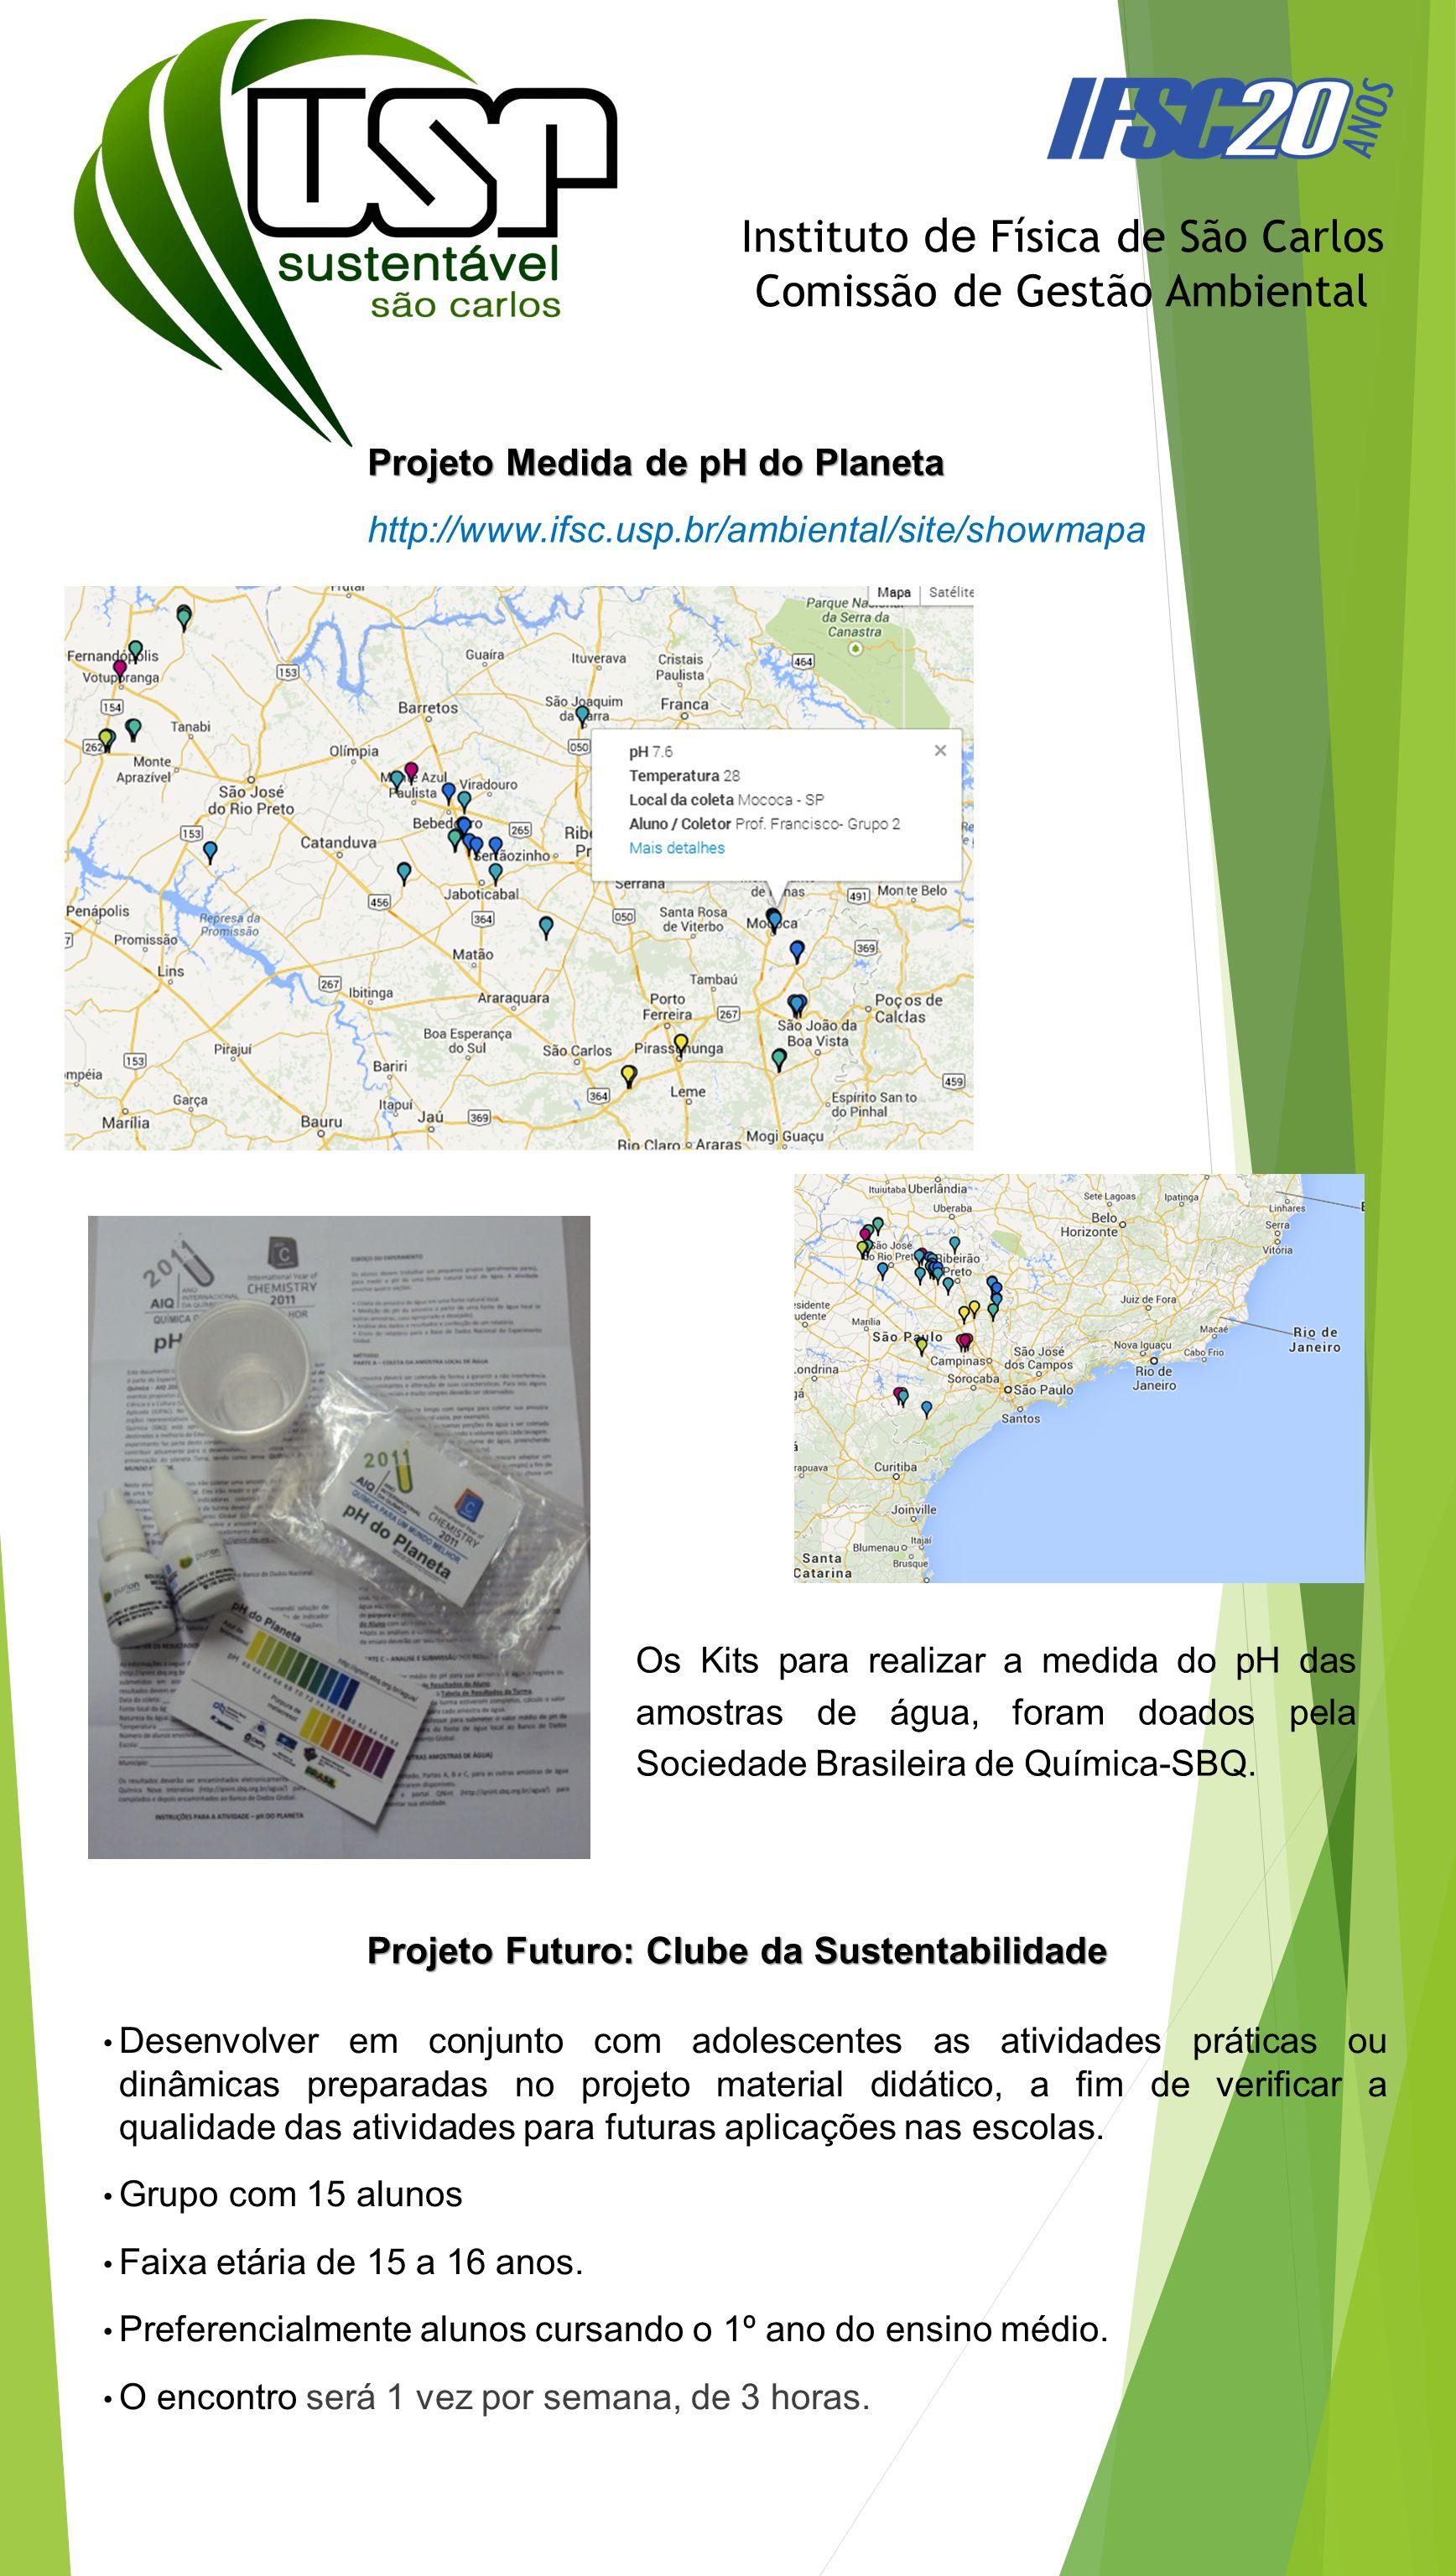 Projeto Medida de pH do Planeta http://www.ifsc.usp.br/ambiental/site/showmapa Instituto de Física de São Carlos Comissão de Gestão Ambiental Os Kits para realizar a medida do pH das amostras de água, foram doados pela Sociedade Brasileira de Química-SBQ.